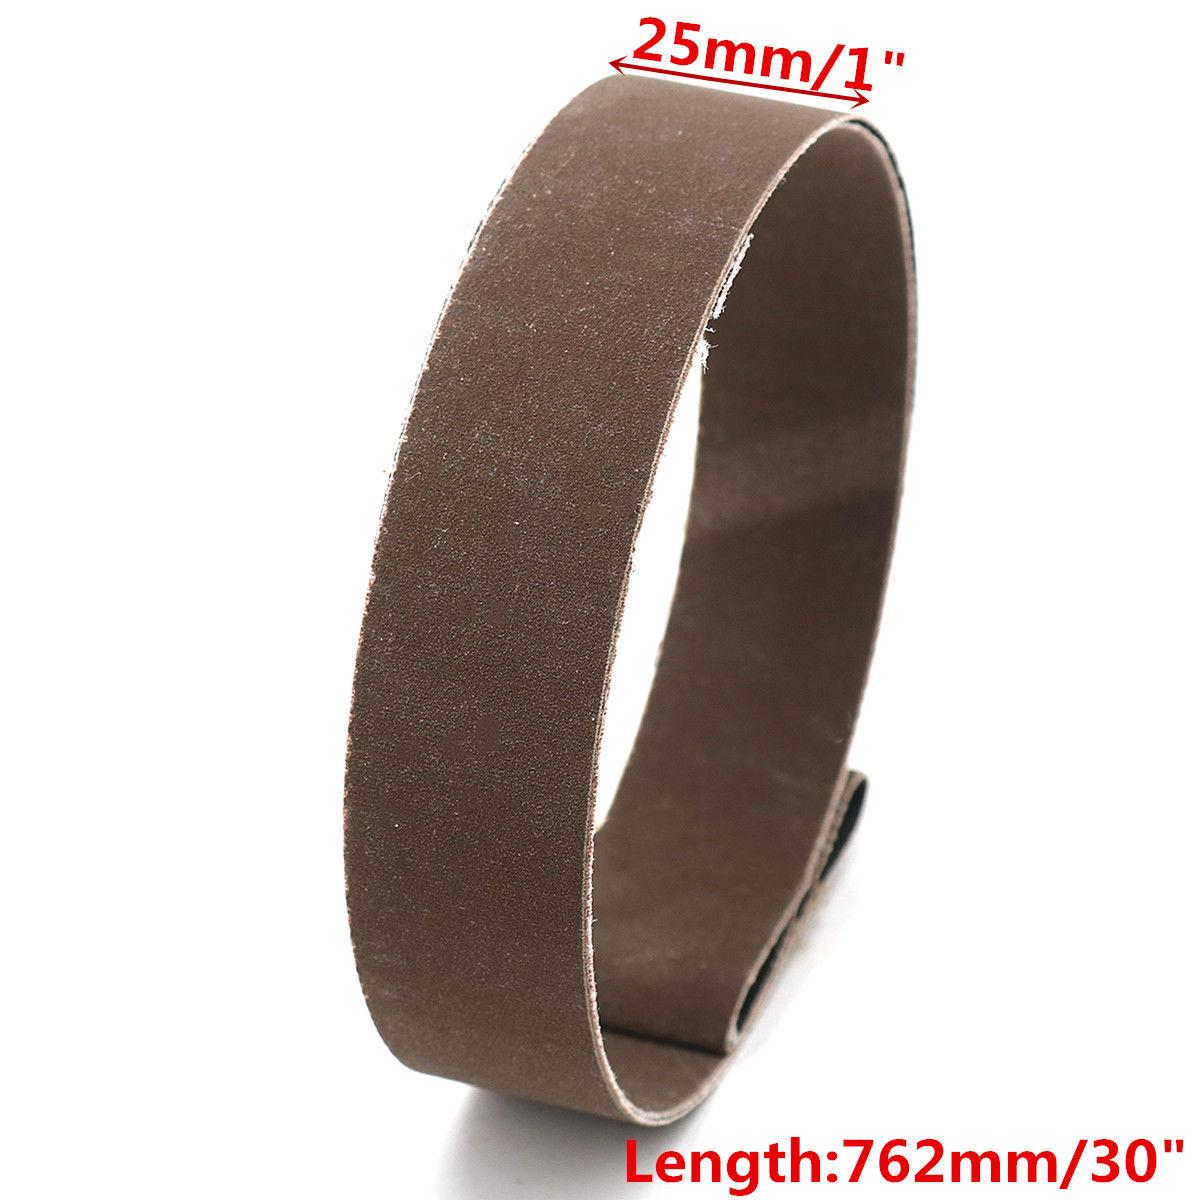 Kit Sanding Belt 25mmx762mm 1